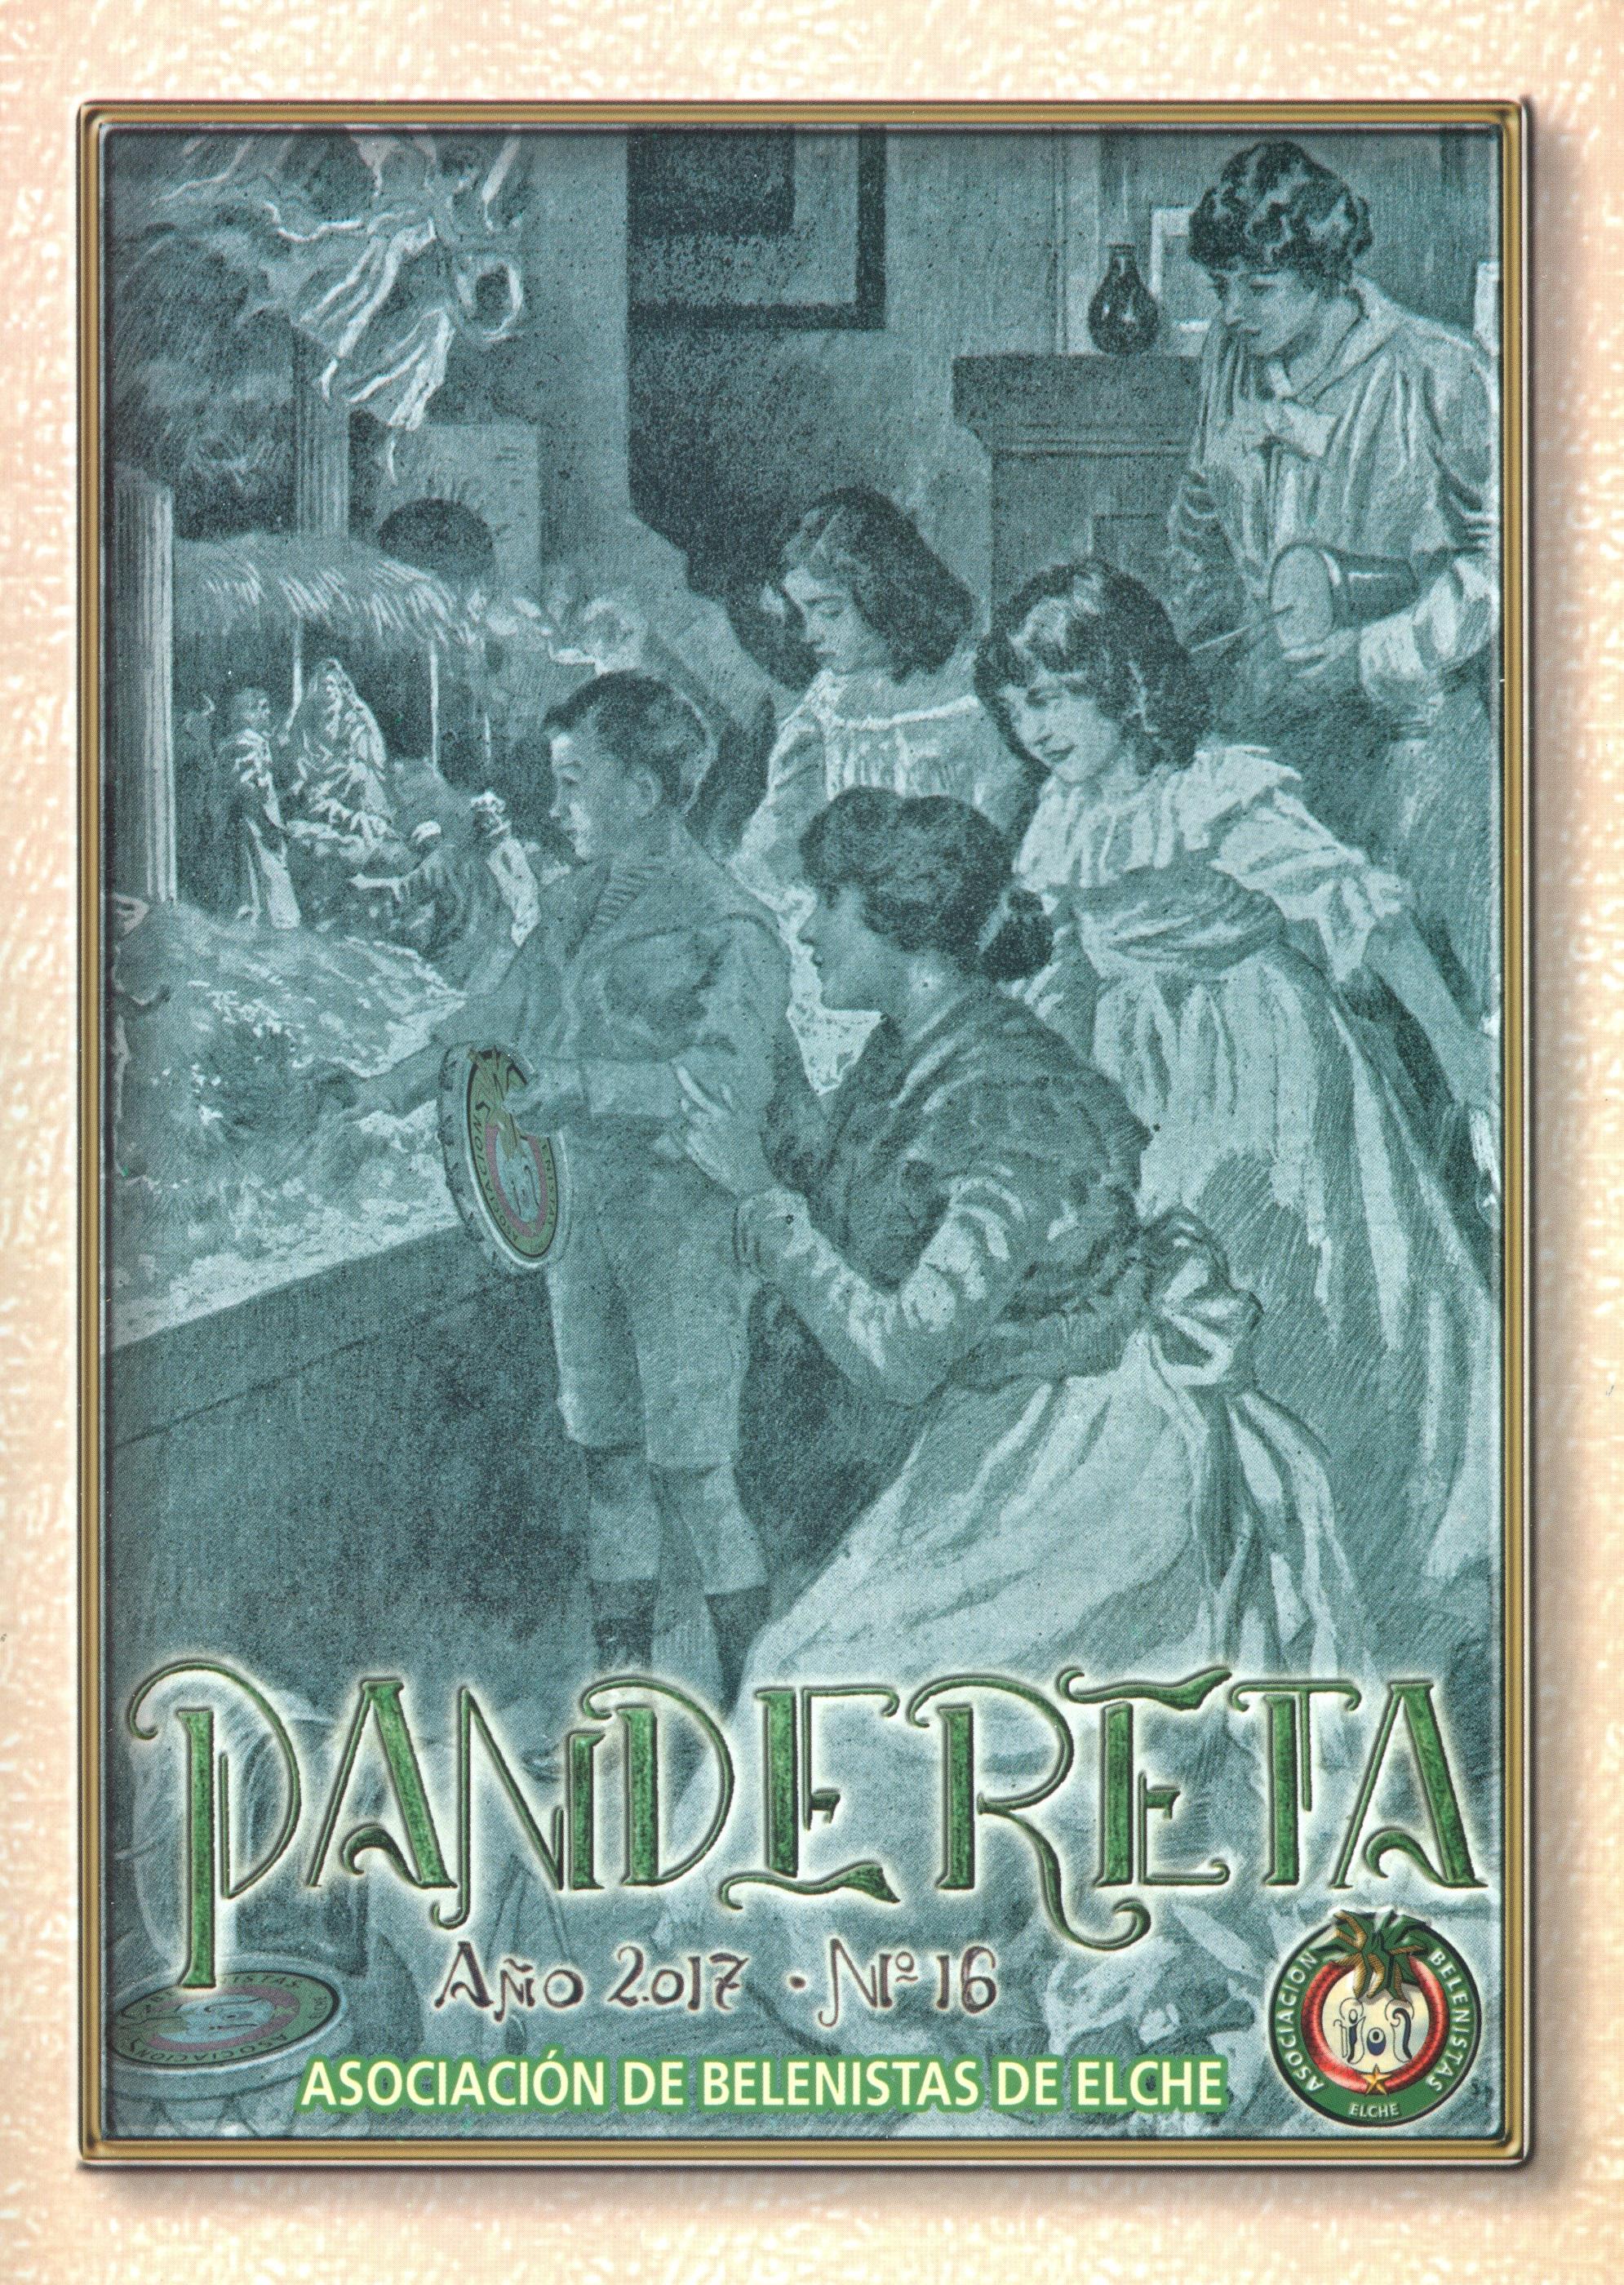 Portada de la revista Pandereta Nº 16 - 2017, de la Asociación de Belenistas de Elche